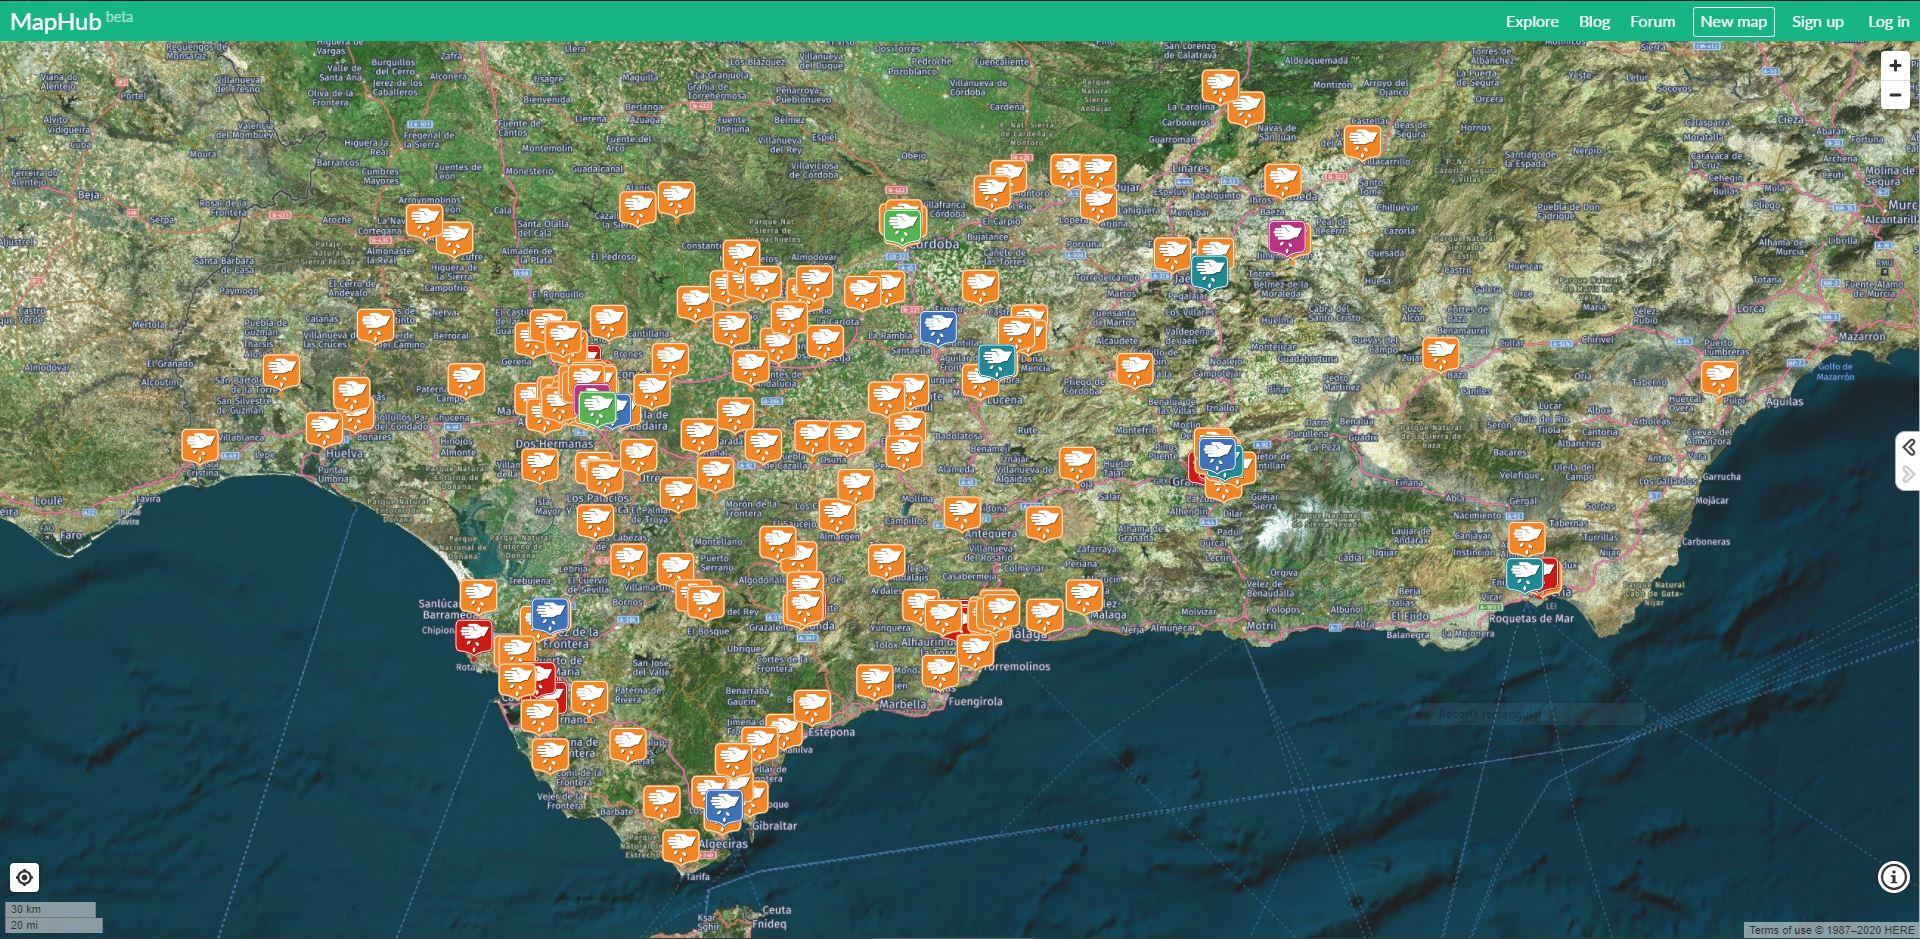 mapa de huertos urbanos